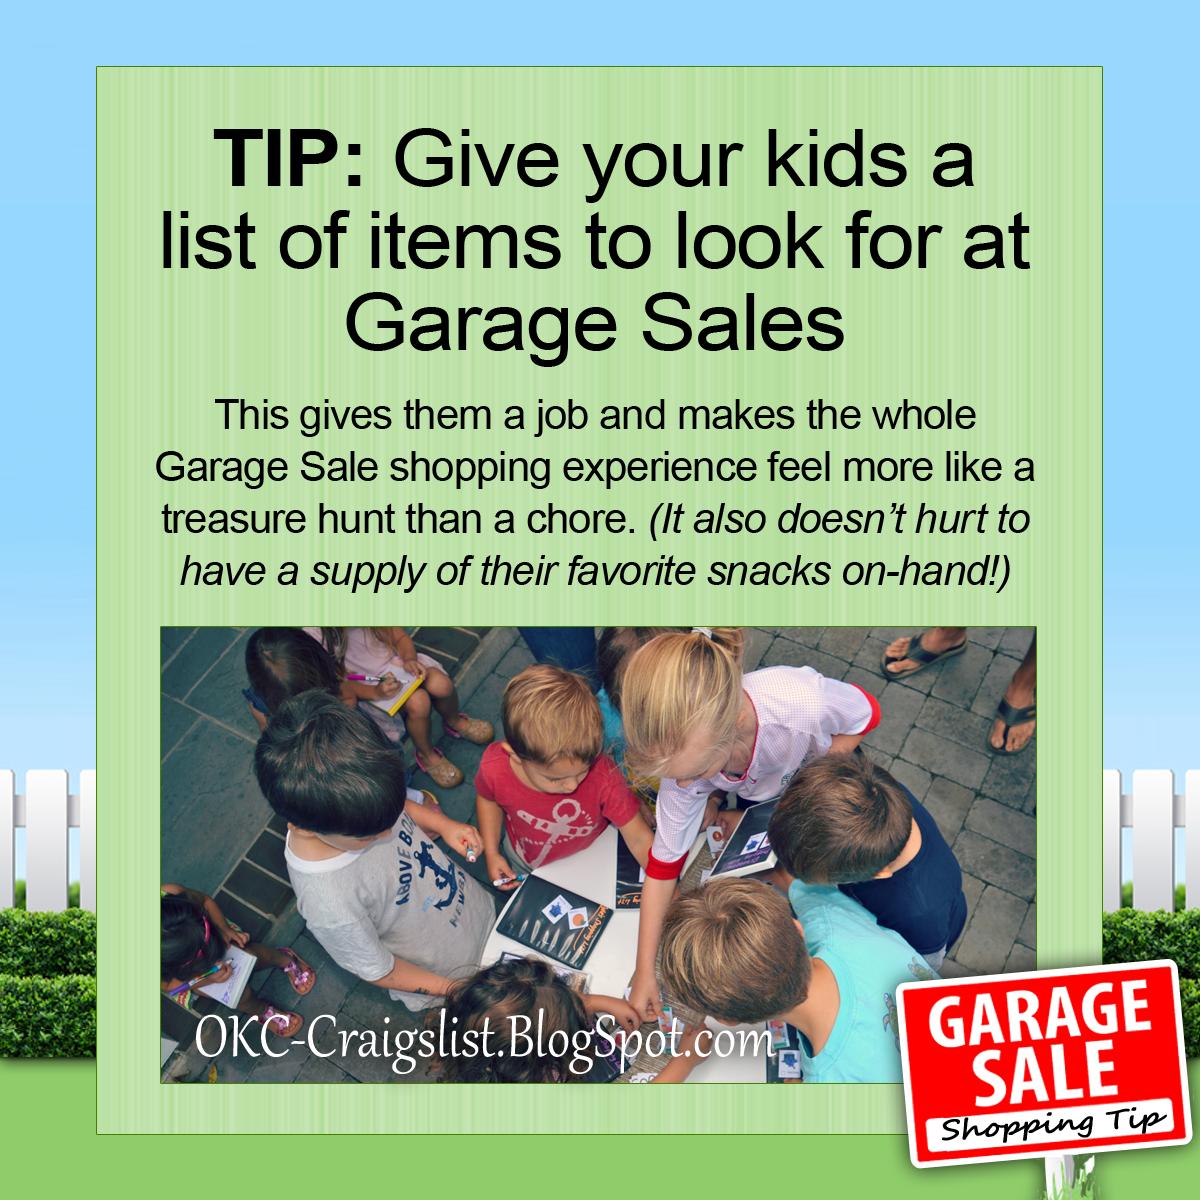 GARAGE SALE TIP: Turn Garage Saling into a Treasure Hunt for Kids